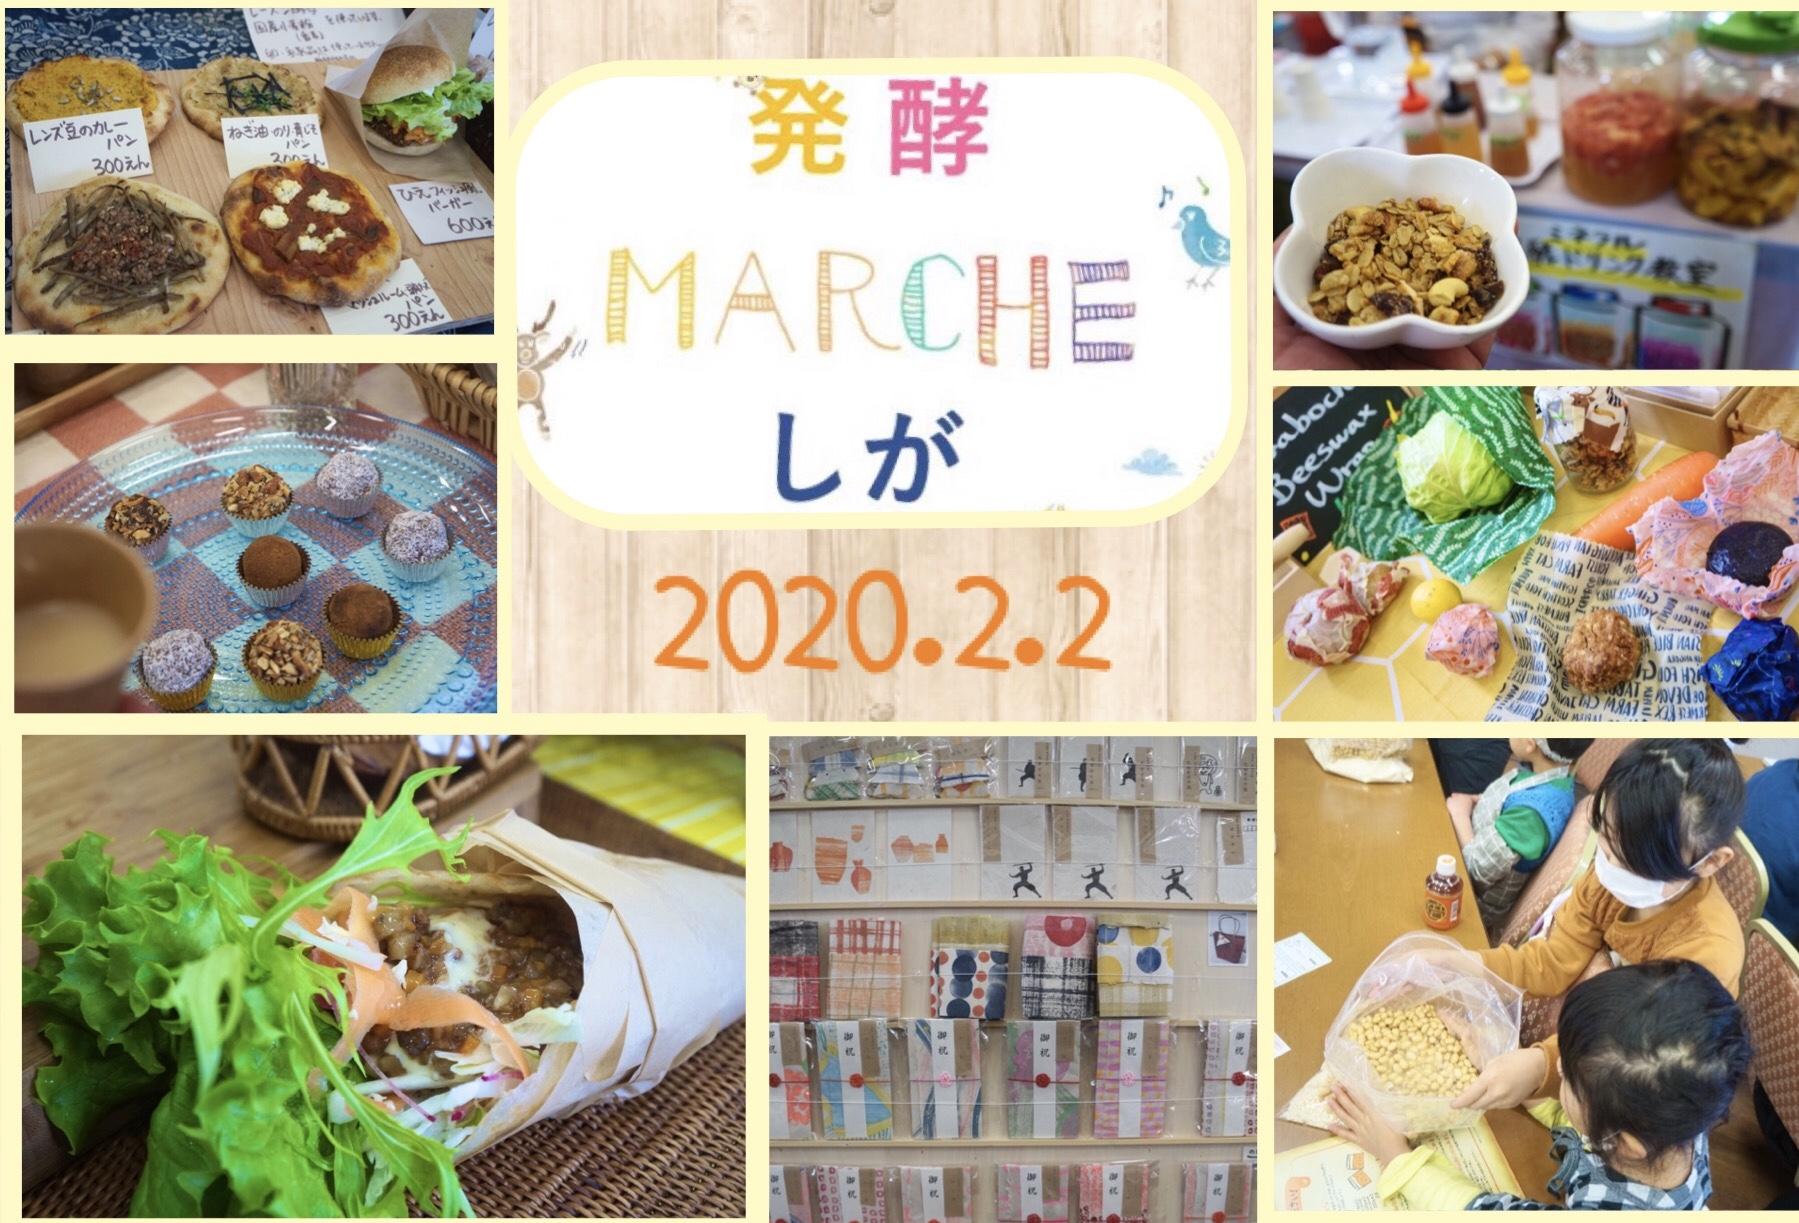 【2/2】「発酵MARCHEしが」に行ってきた! 味噌づくり・エコラップなどのワークショップや、オーガニック食材・雑貨などがずらり